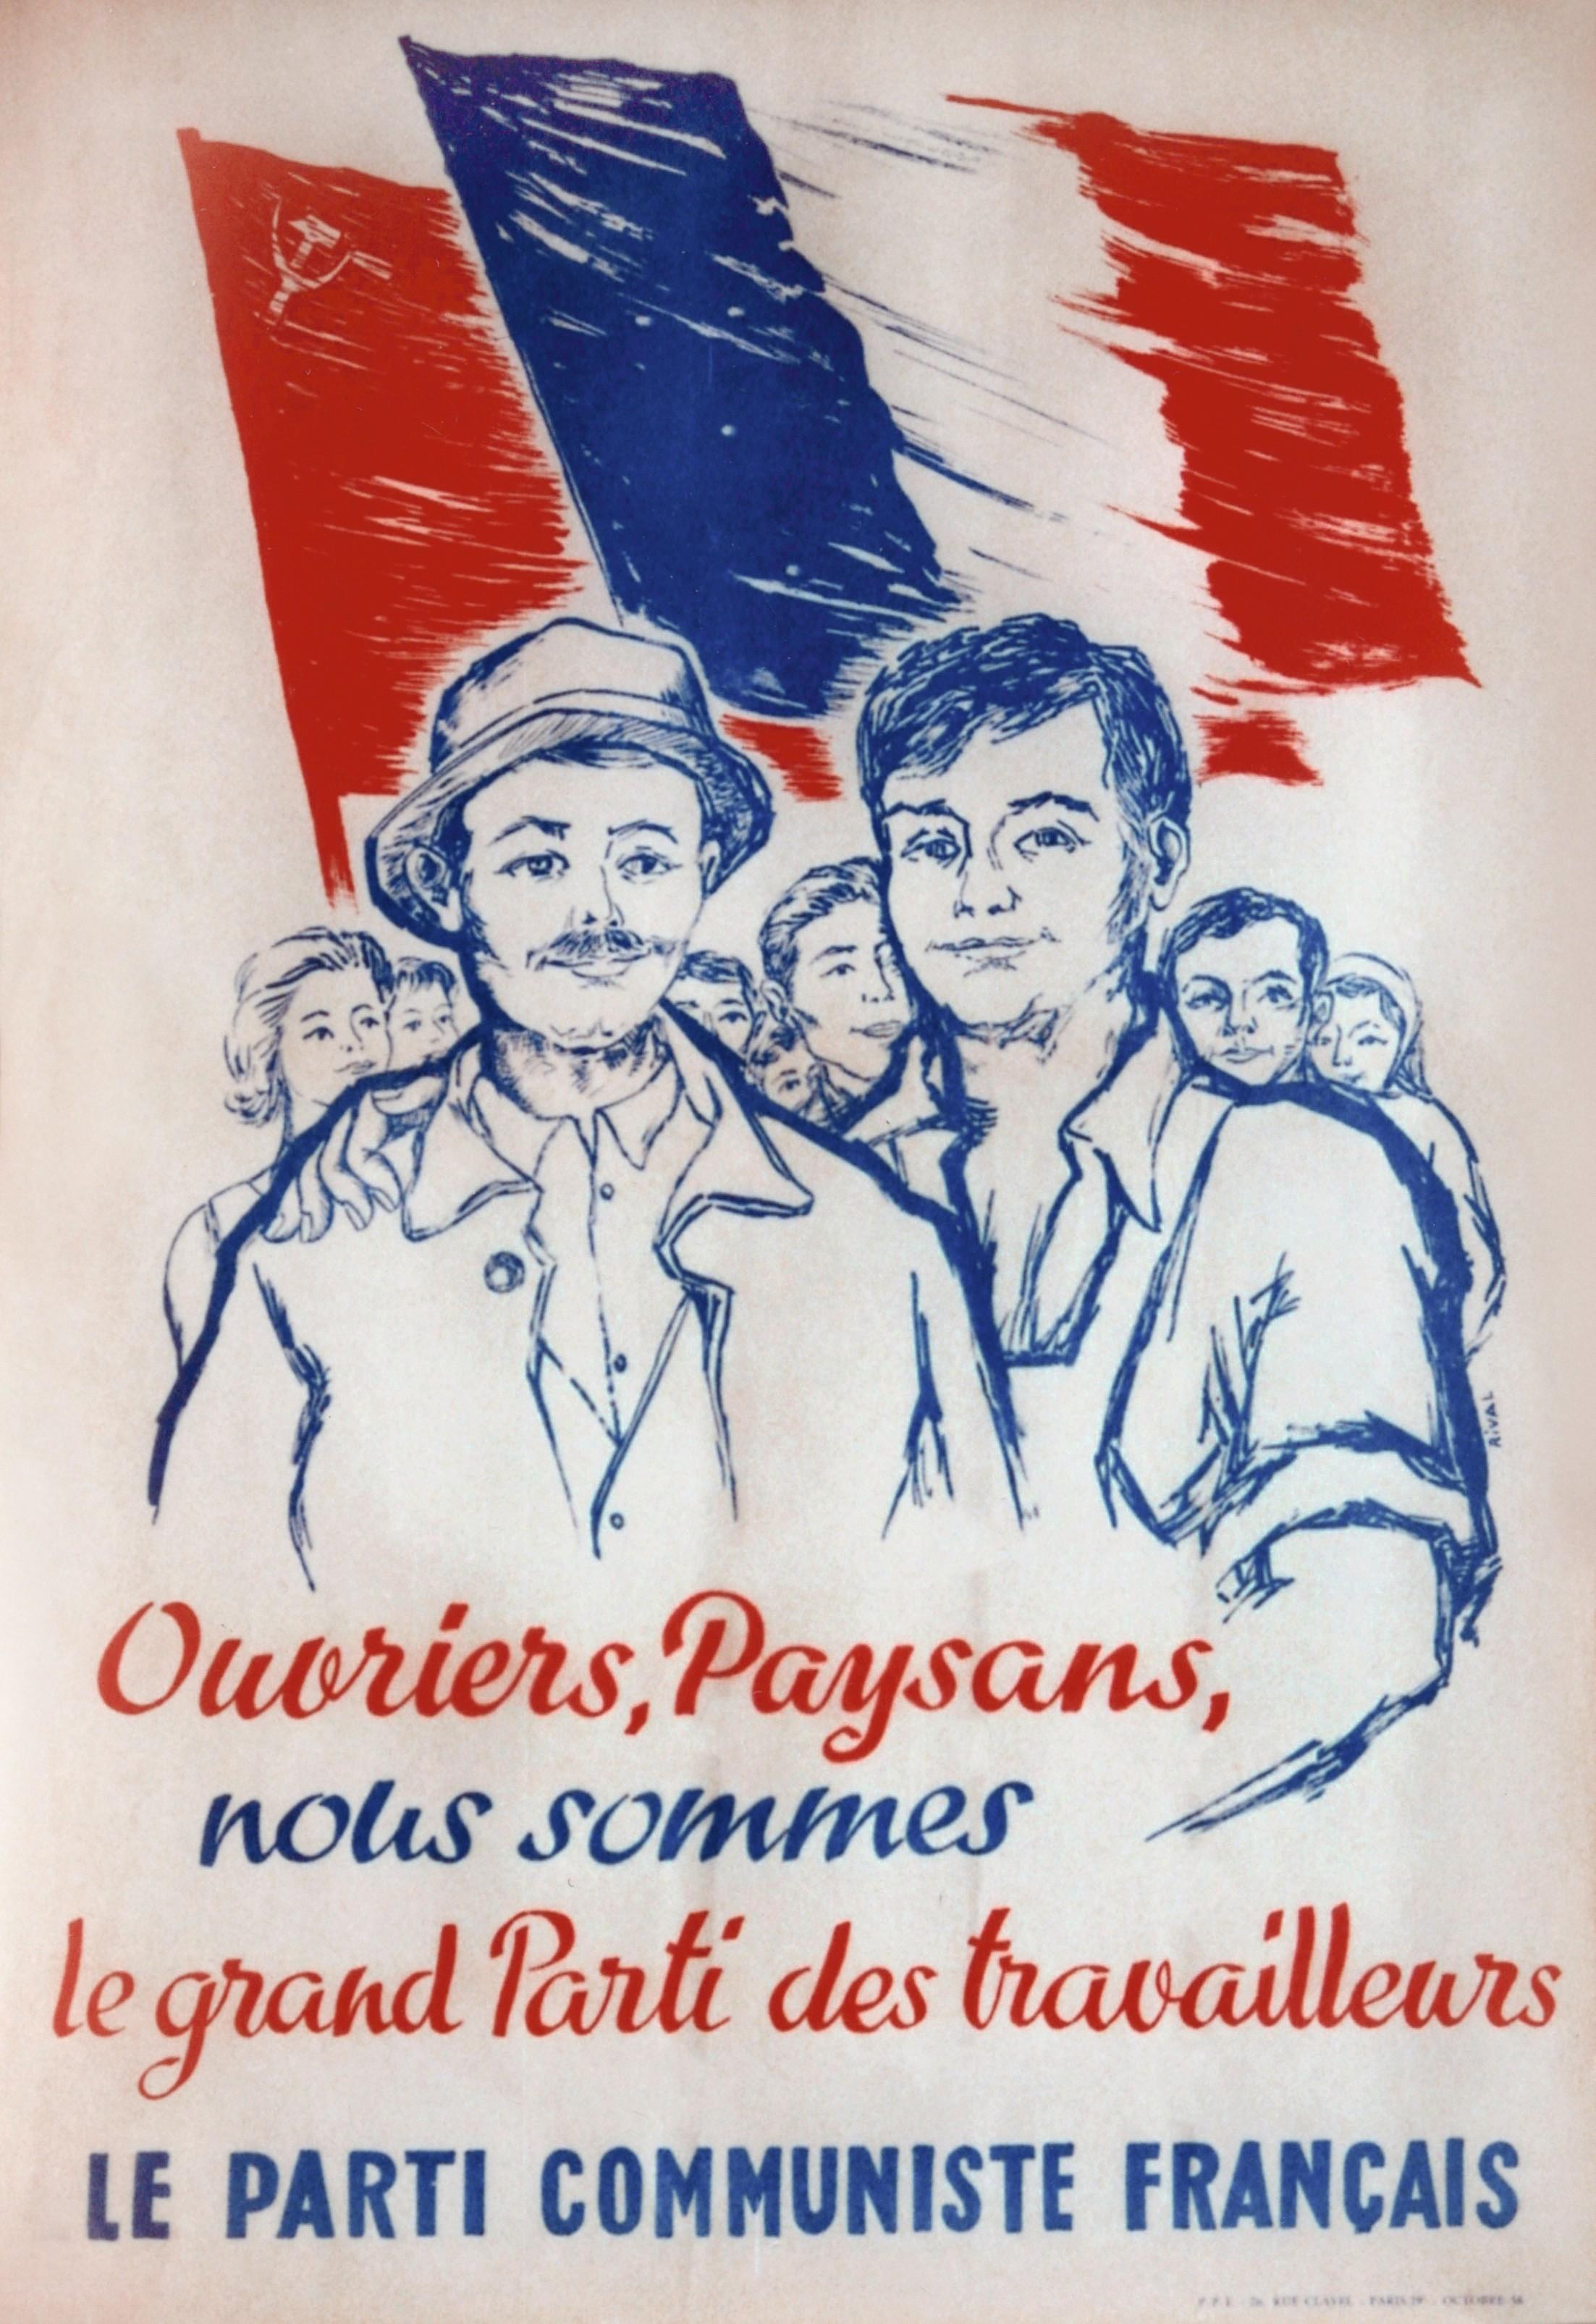 Affiche pour le Parti communiste français, 1958.